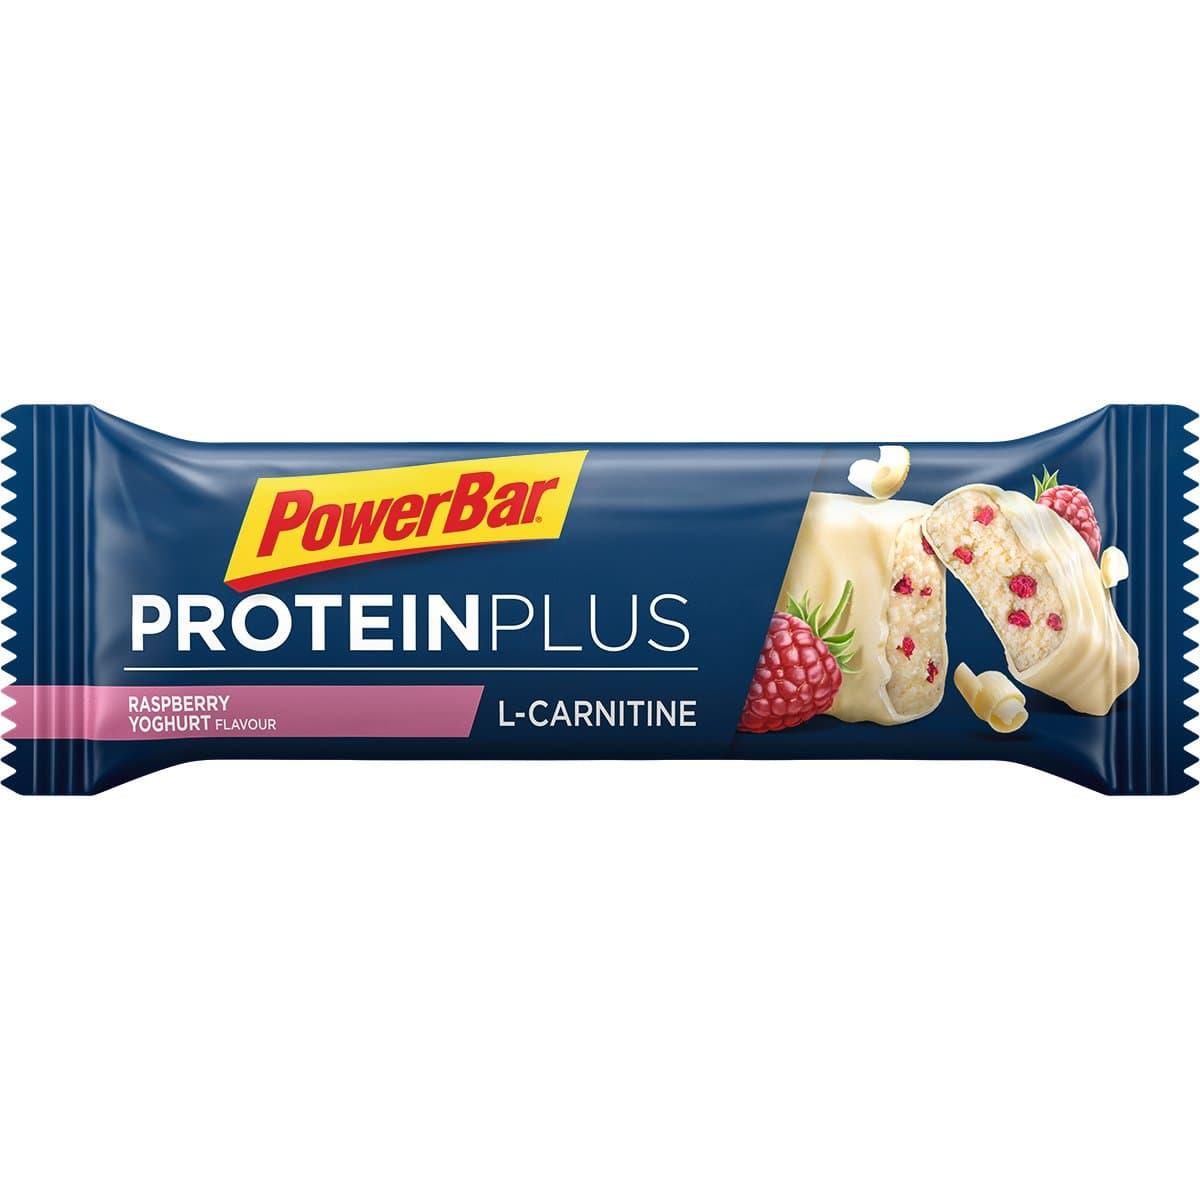 Powerbar Protein Plus L-Carnitin Riegel Himbeer Barretta